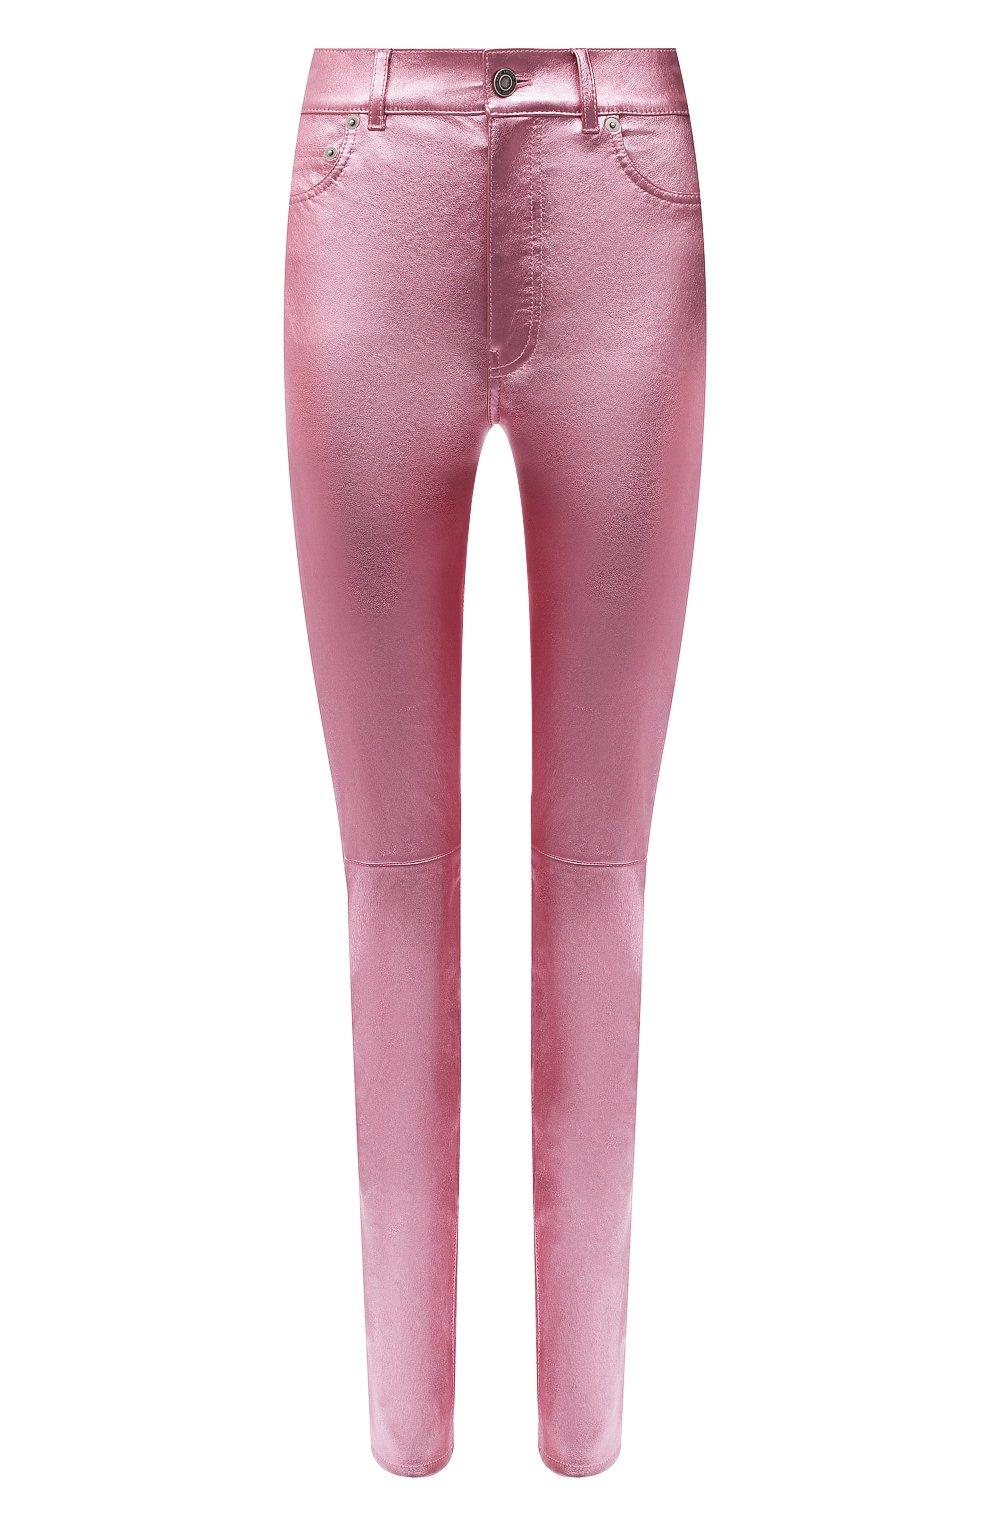 Женские кожаные брюки SAINT LAURENT розового цвета, арт. 619744/YC2XG   Фото 1 (Стили: Гламурный; Длина (брюки, джинсы): Стандартные; Женское Кросс-КТ: Брюки-одежда, Кожаные брюки; Силуэт Ж (брюки и джинсы): Узкие; Материал подклада: Хлопок)